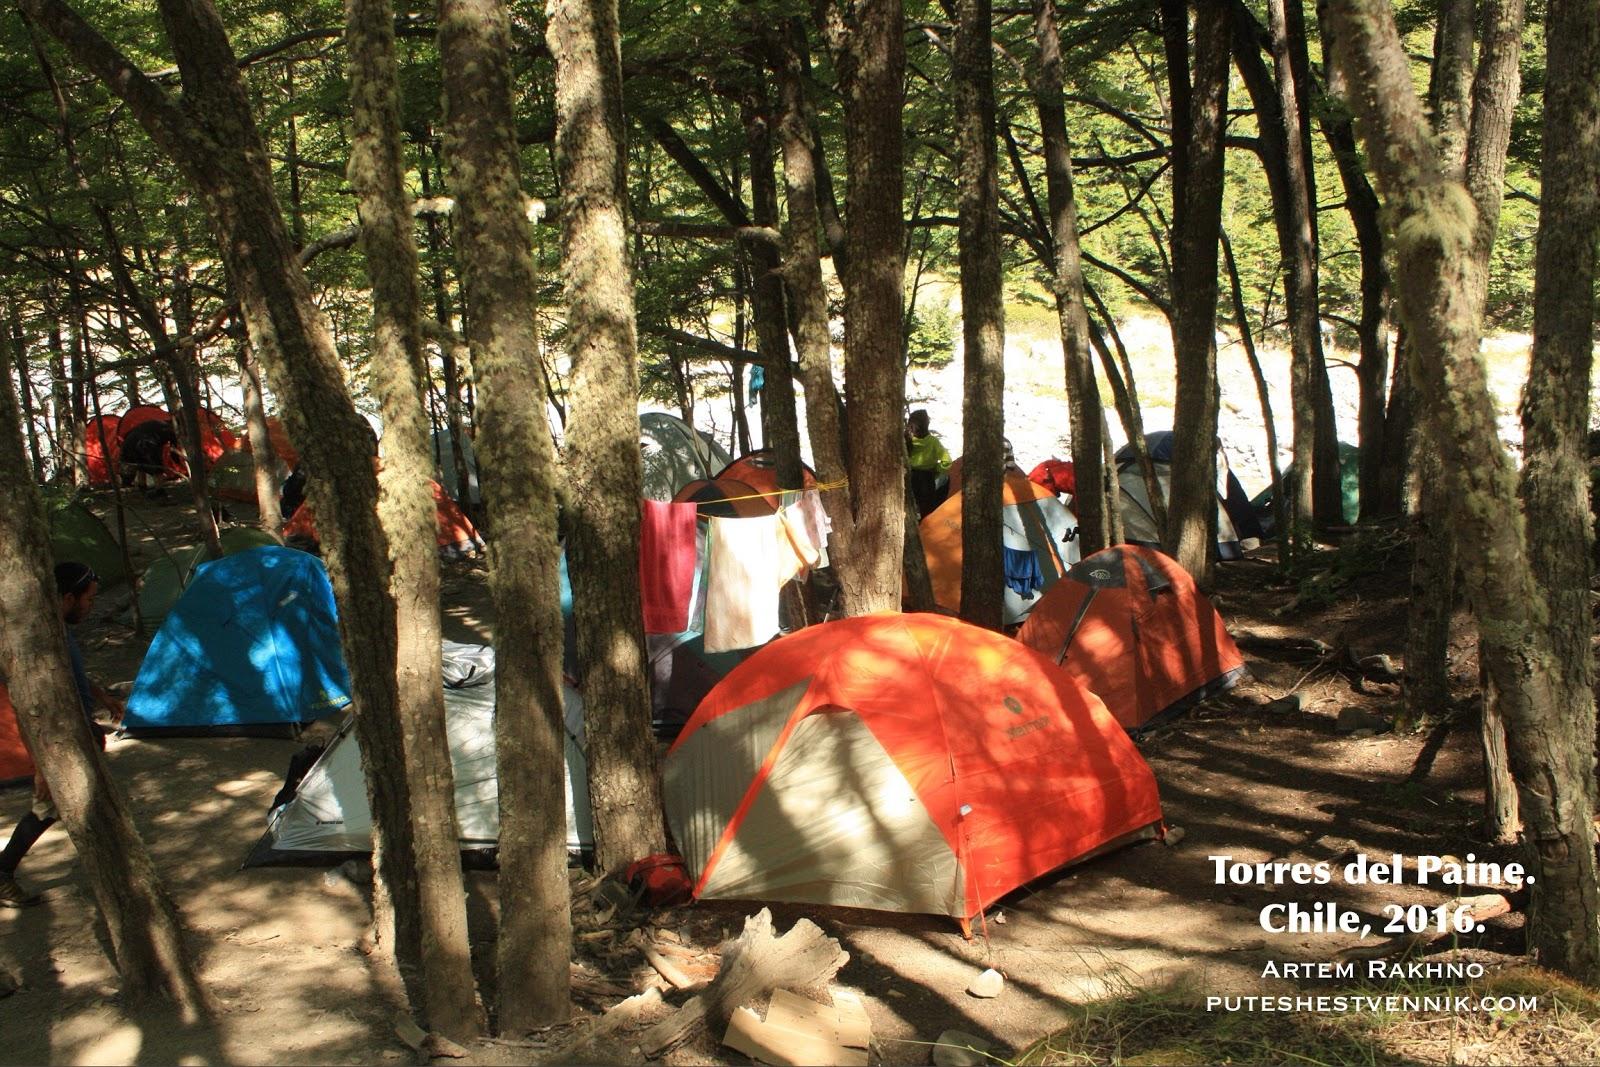 Палатки в лесу в Торрес-дель-Пайне